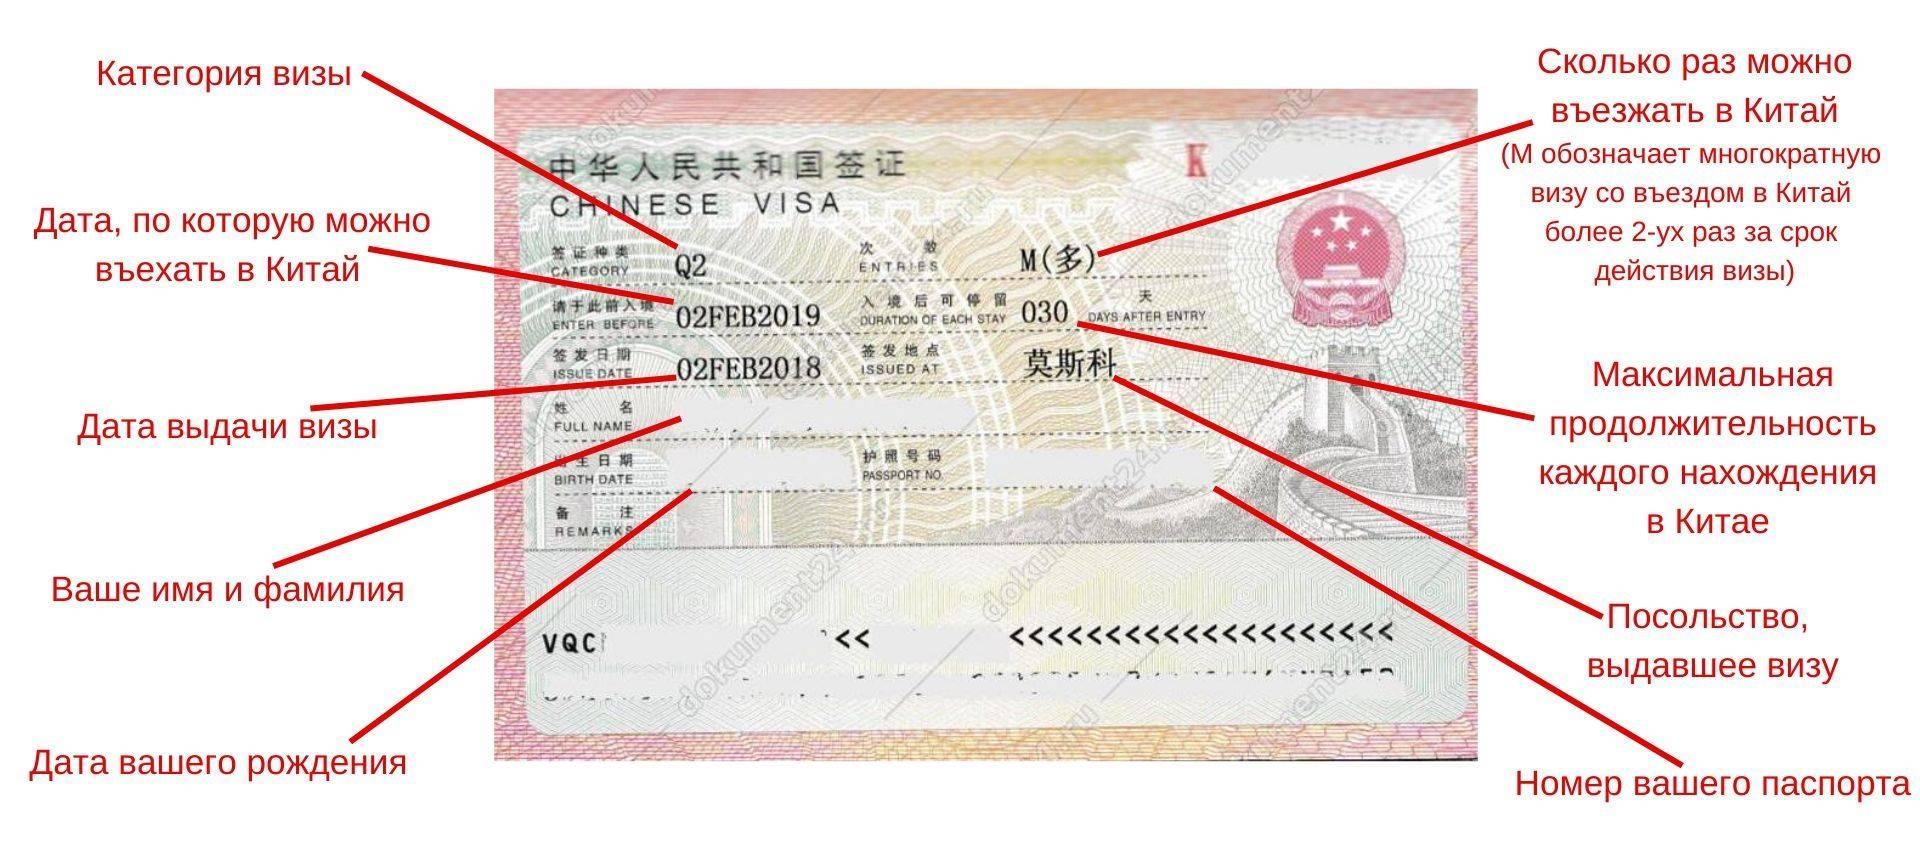 Нужна ли виза в южную корею гражданам россии в 2021 году